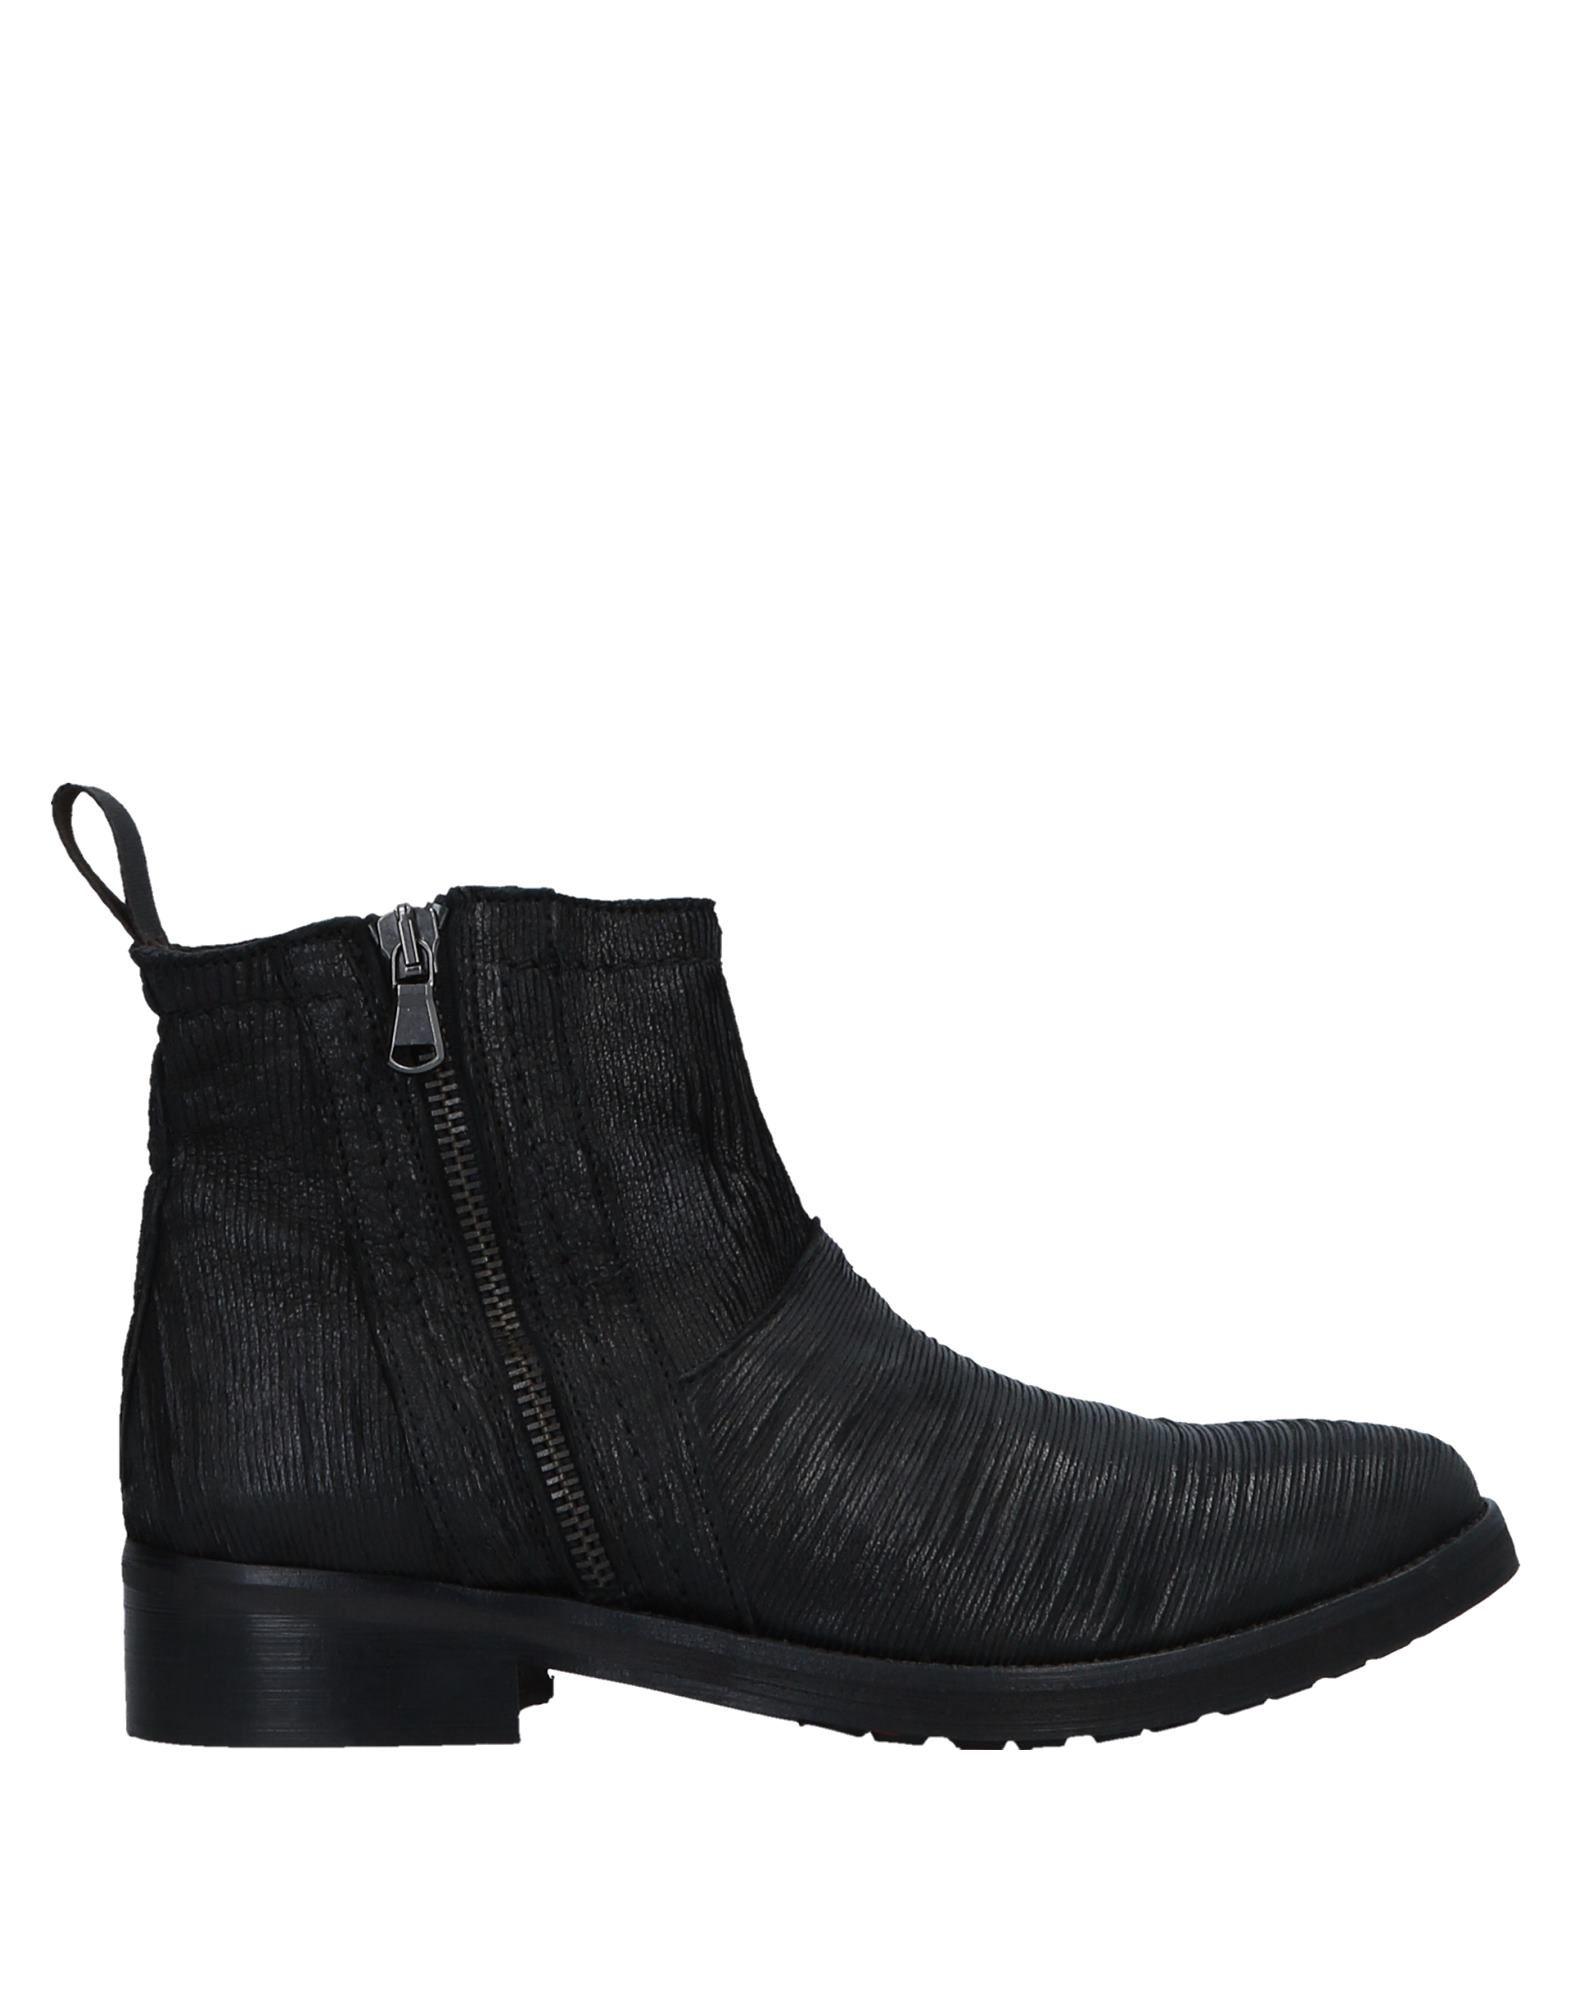 Gut um Stiefelette billige Schuhe zu tragenJp/David Stiefelette um Damen  11519097NI 493217